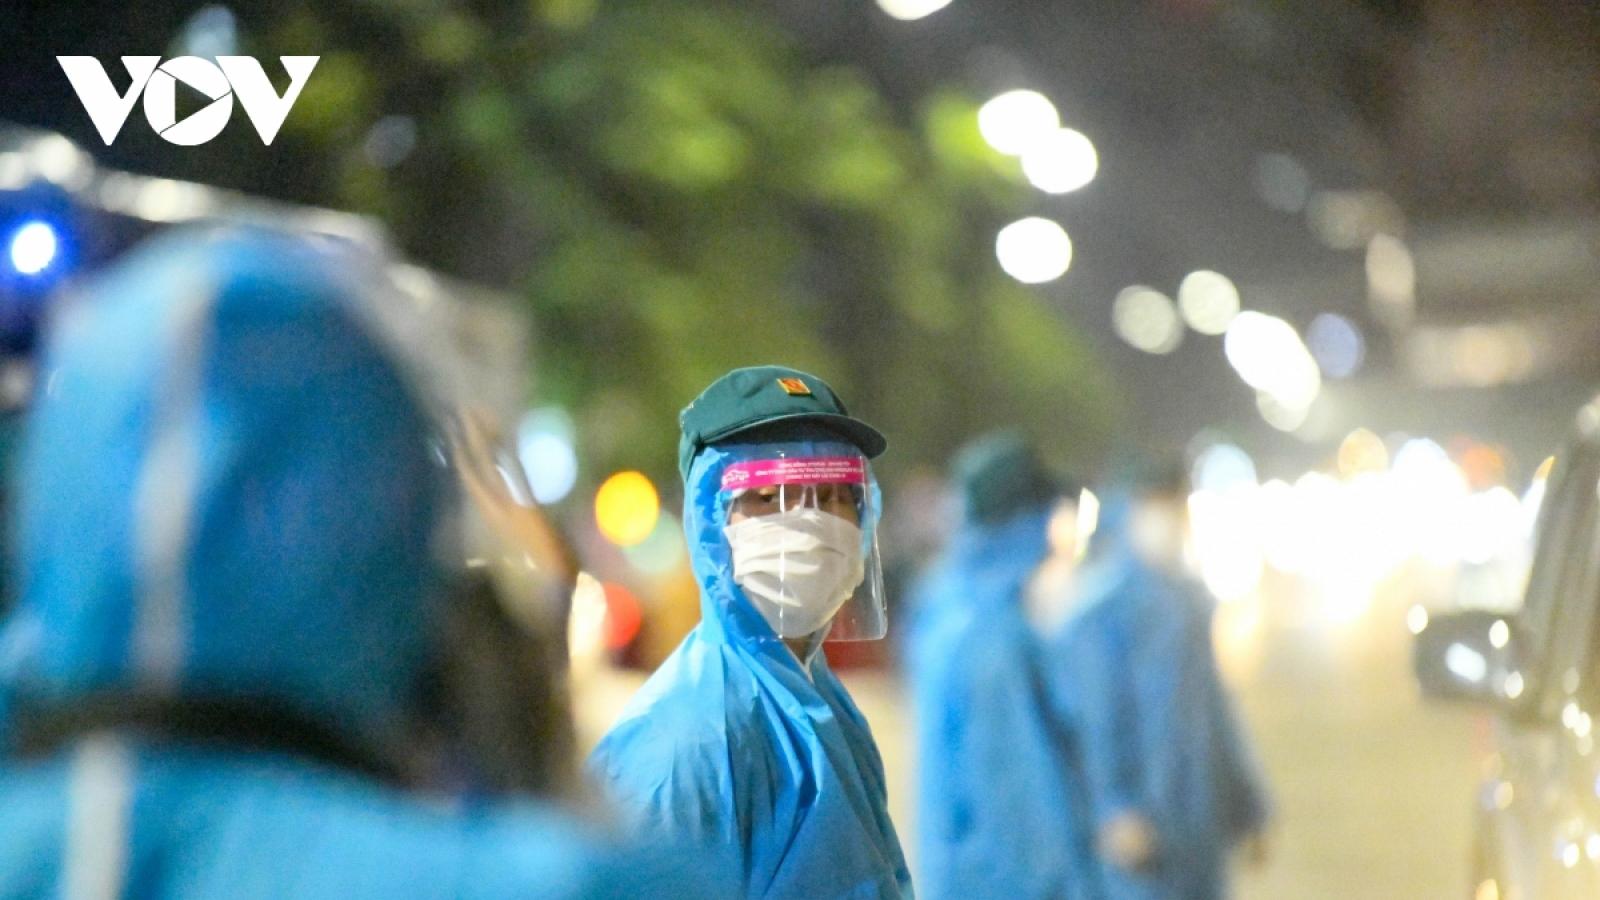 Sáng 5/9, Hà Nội có 6 ca dương tính với SARS-CoV-2, trong đó 1 ca ở cộng đồng